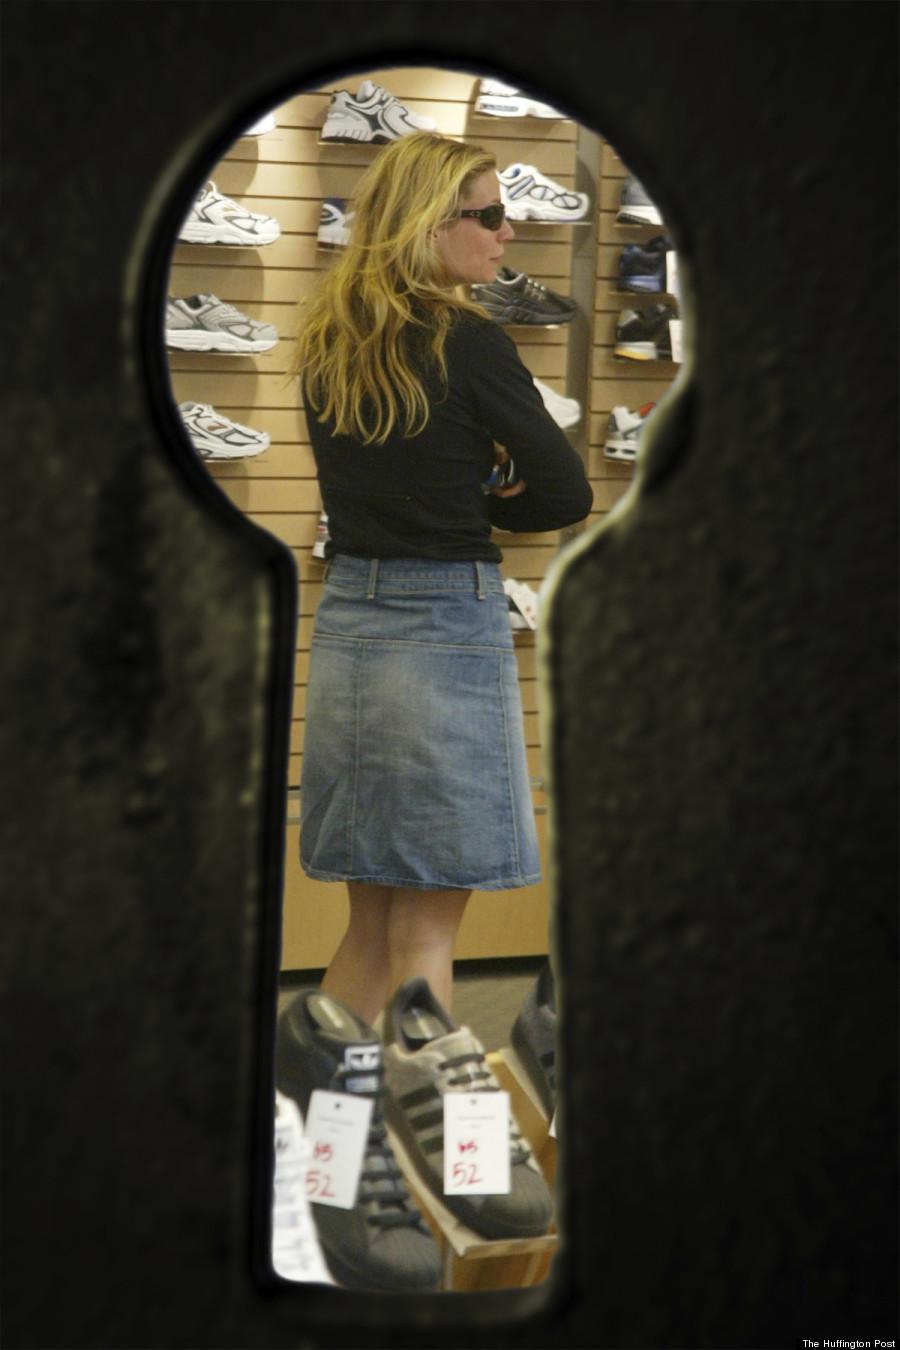 gwyneth paltrow paparazzi keyhole